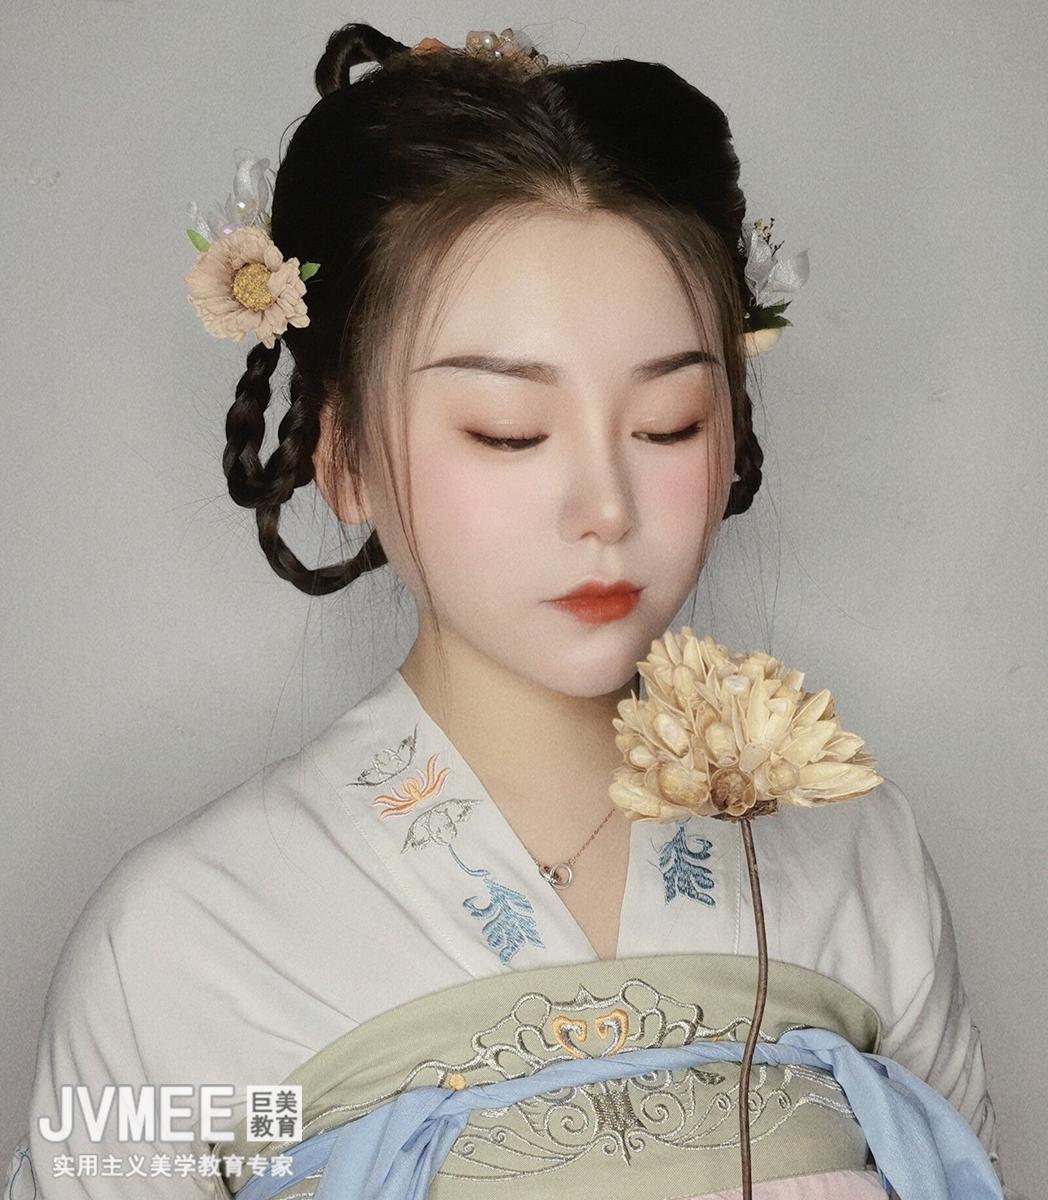 朝代妆——汉代妆容作品